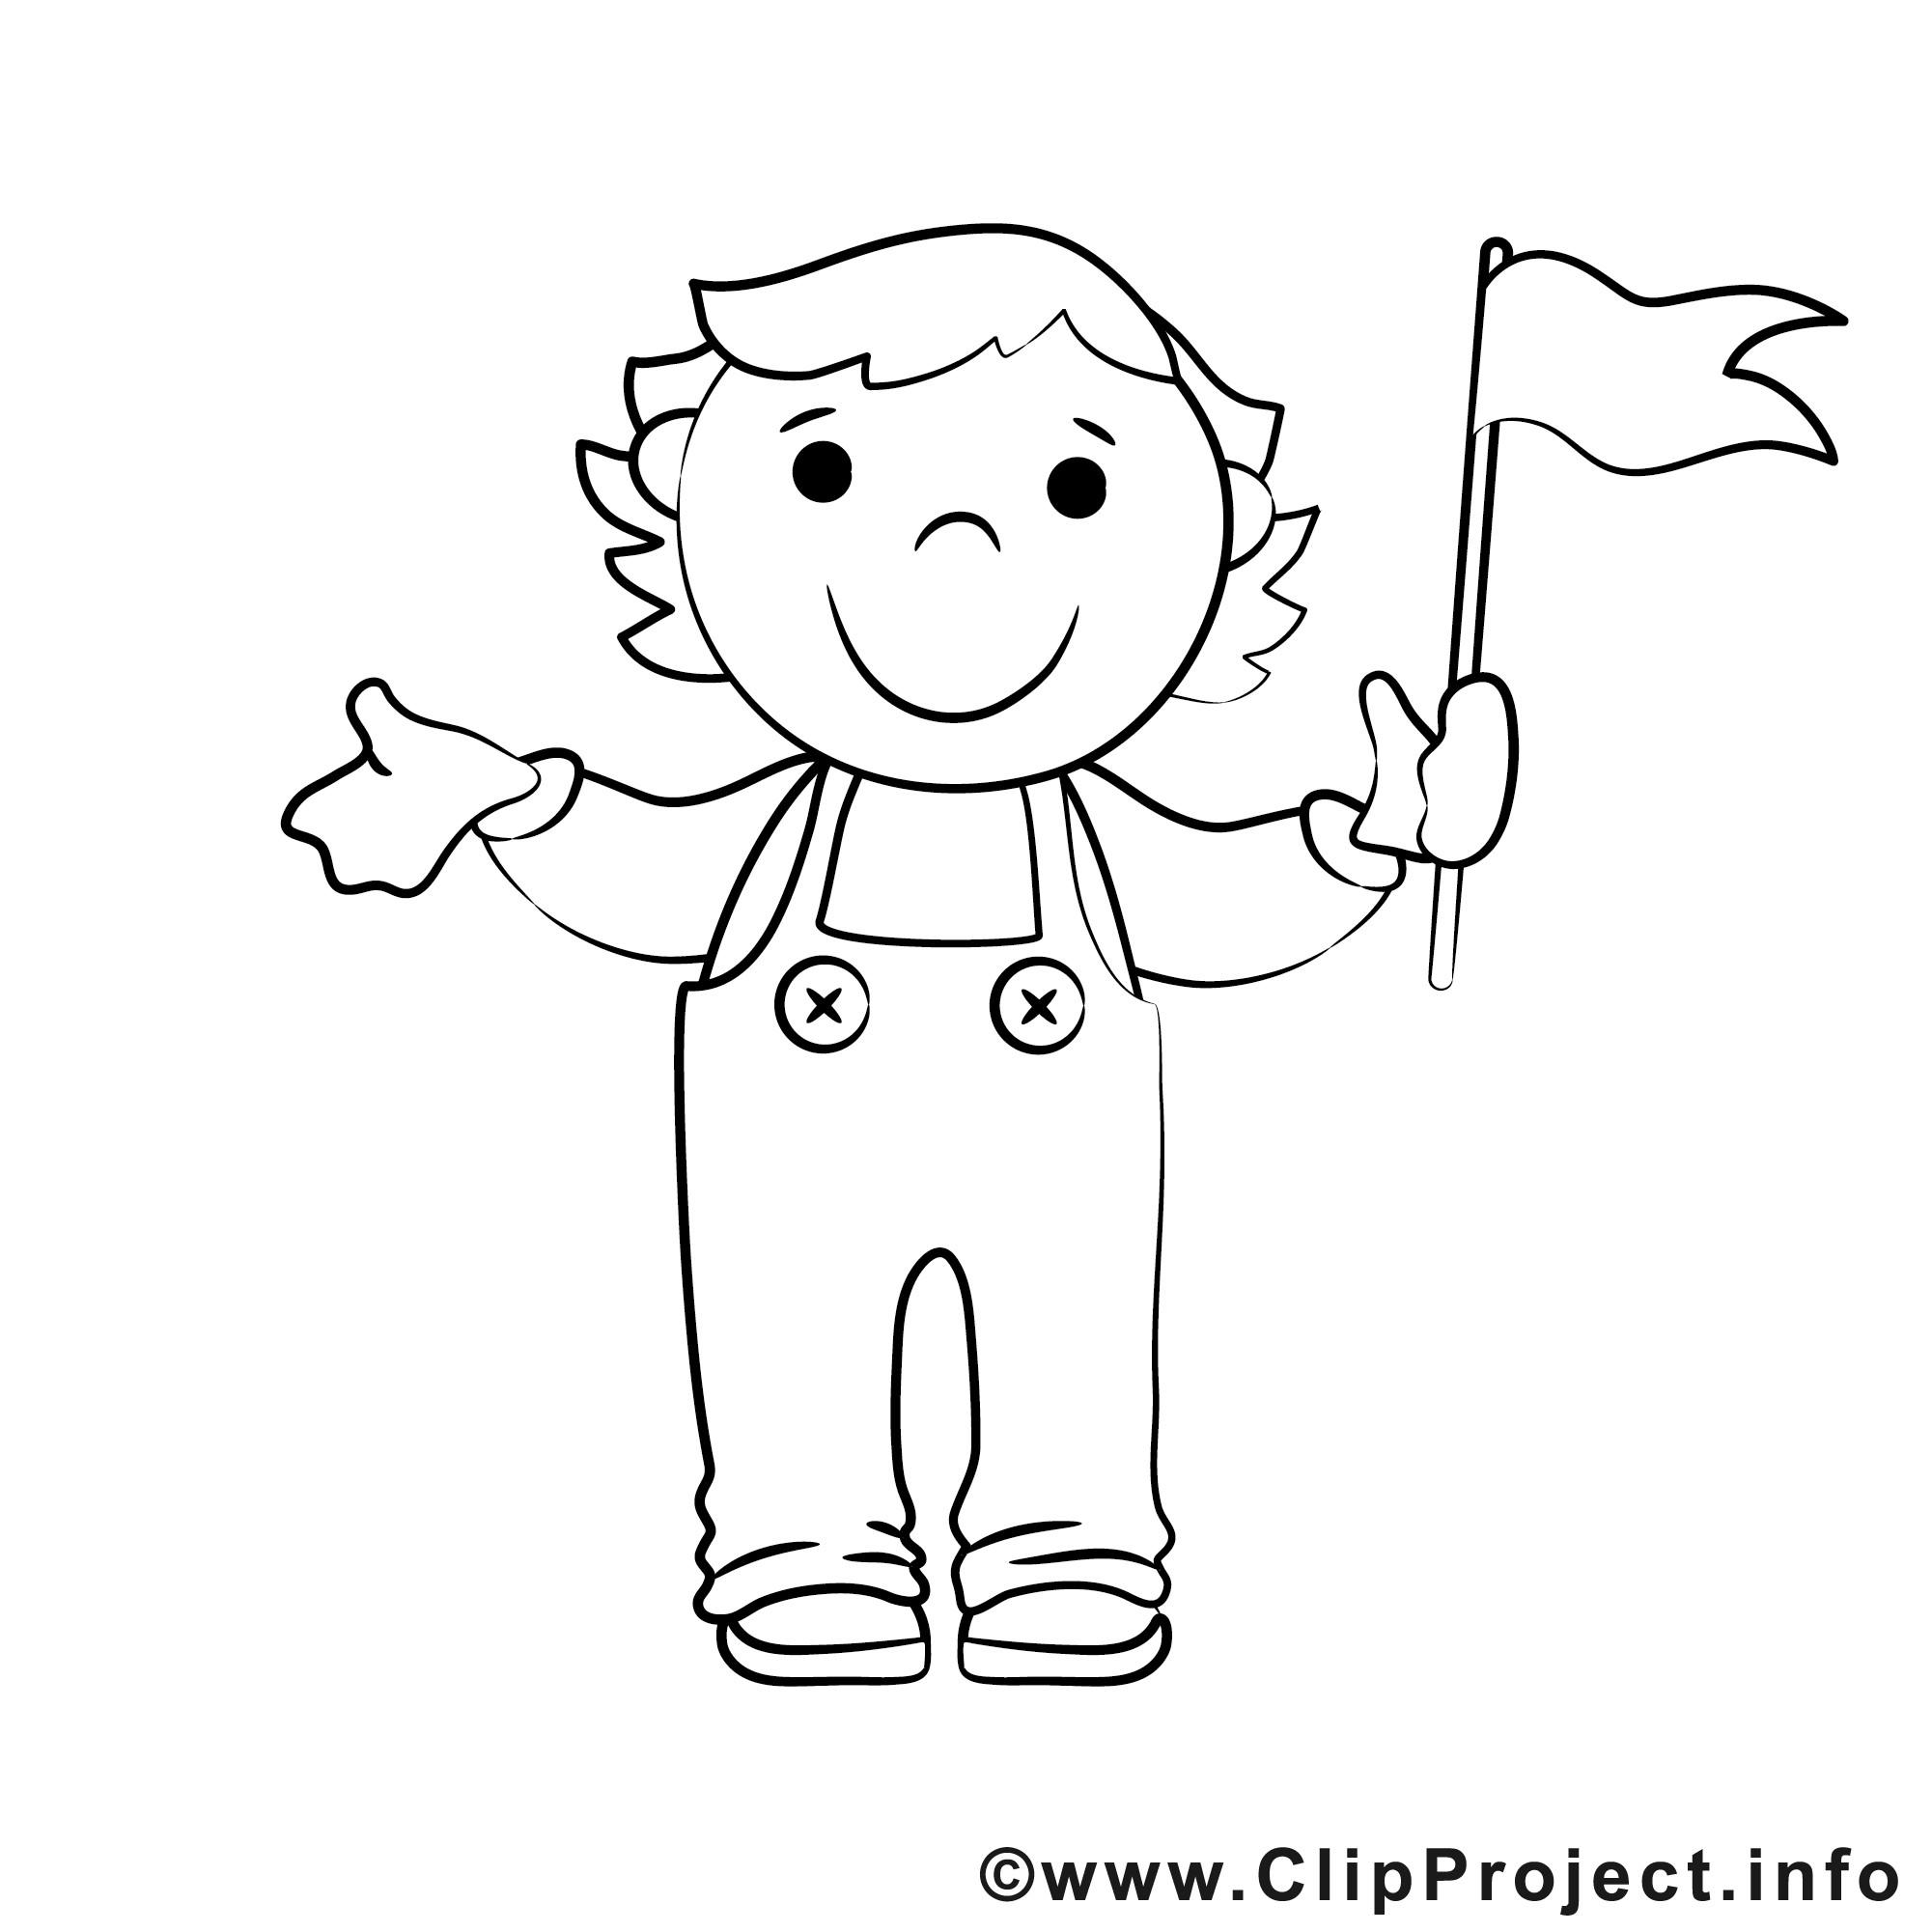 Ausmalbilder Junge  Junge im Kindergarten Bild zum Ausmalen